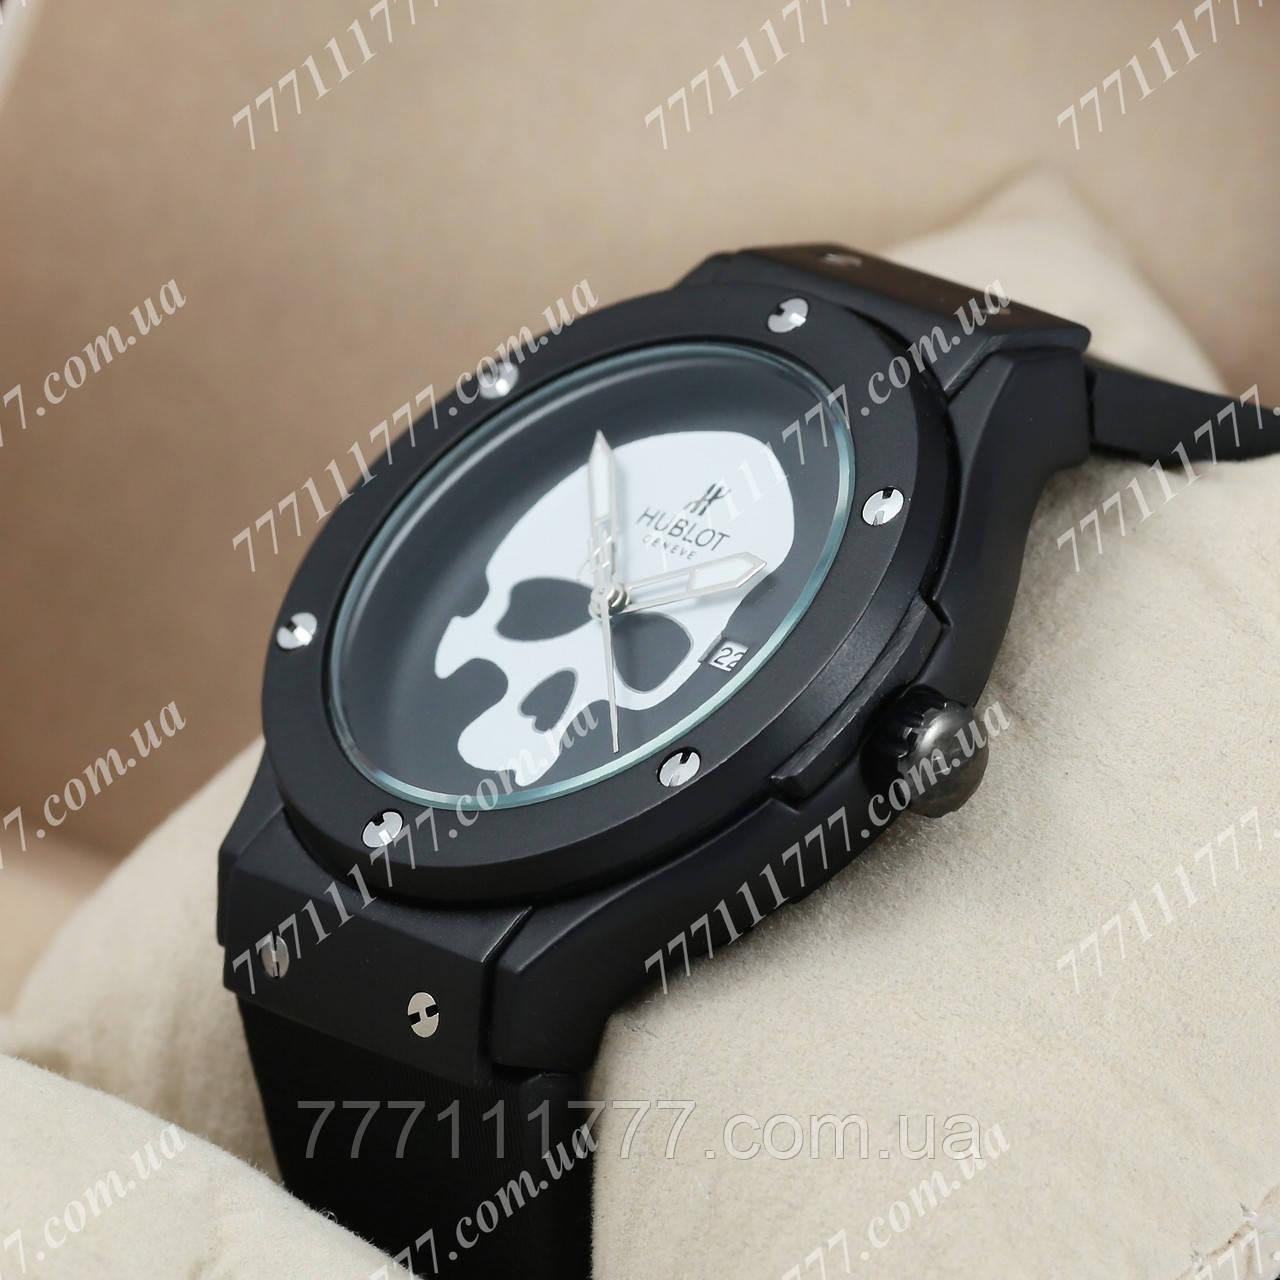 Купить часы мужские пром юа мужские часы perfect купить